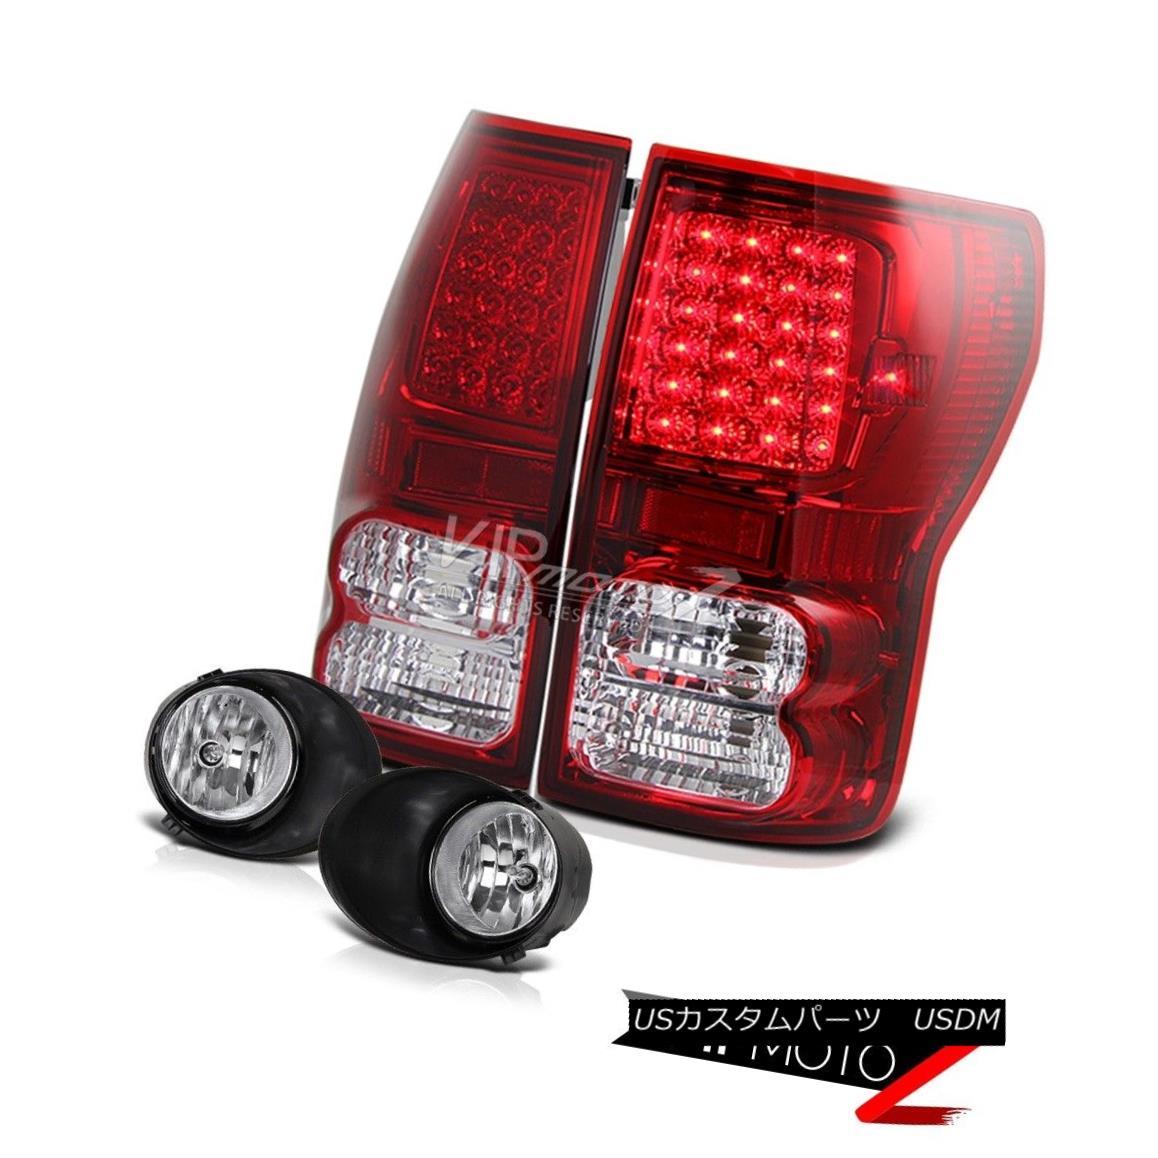 テールライト 07-13 Tundra Truck OE Style RED Led Tail Light Clear Reverse Lamp+Fog Light 07-13トンドラトラックOEスタイルレッドテールライトクリアリバースランプ+フォグライト